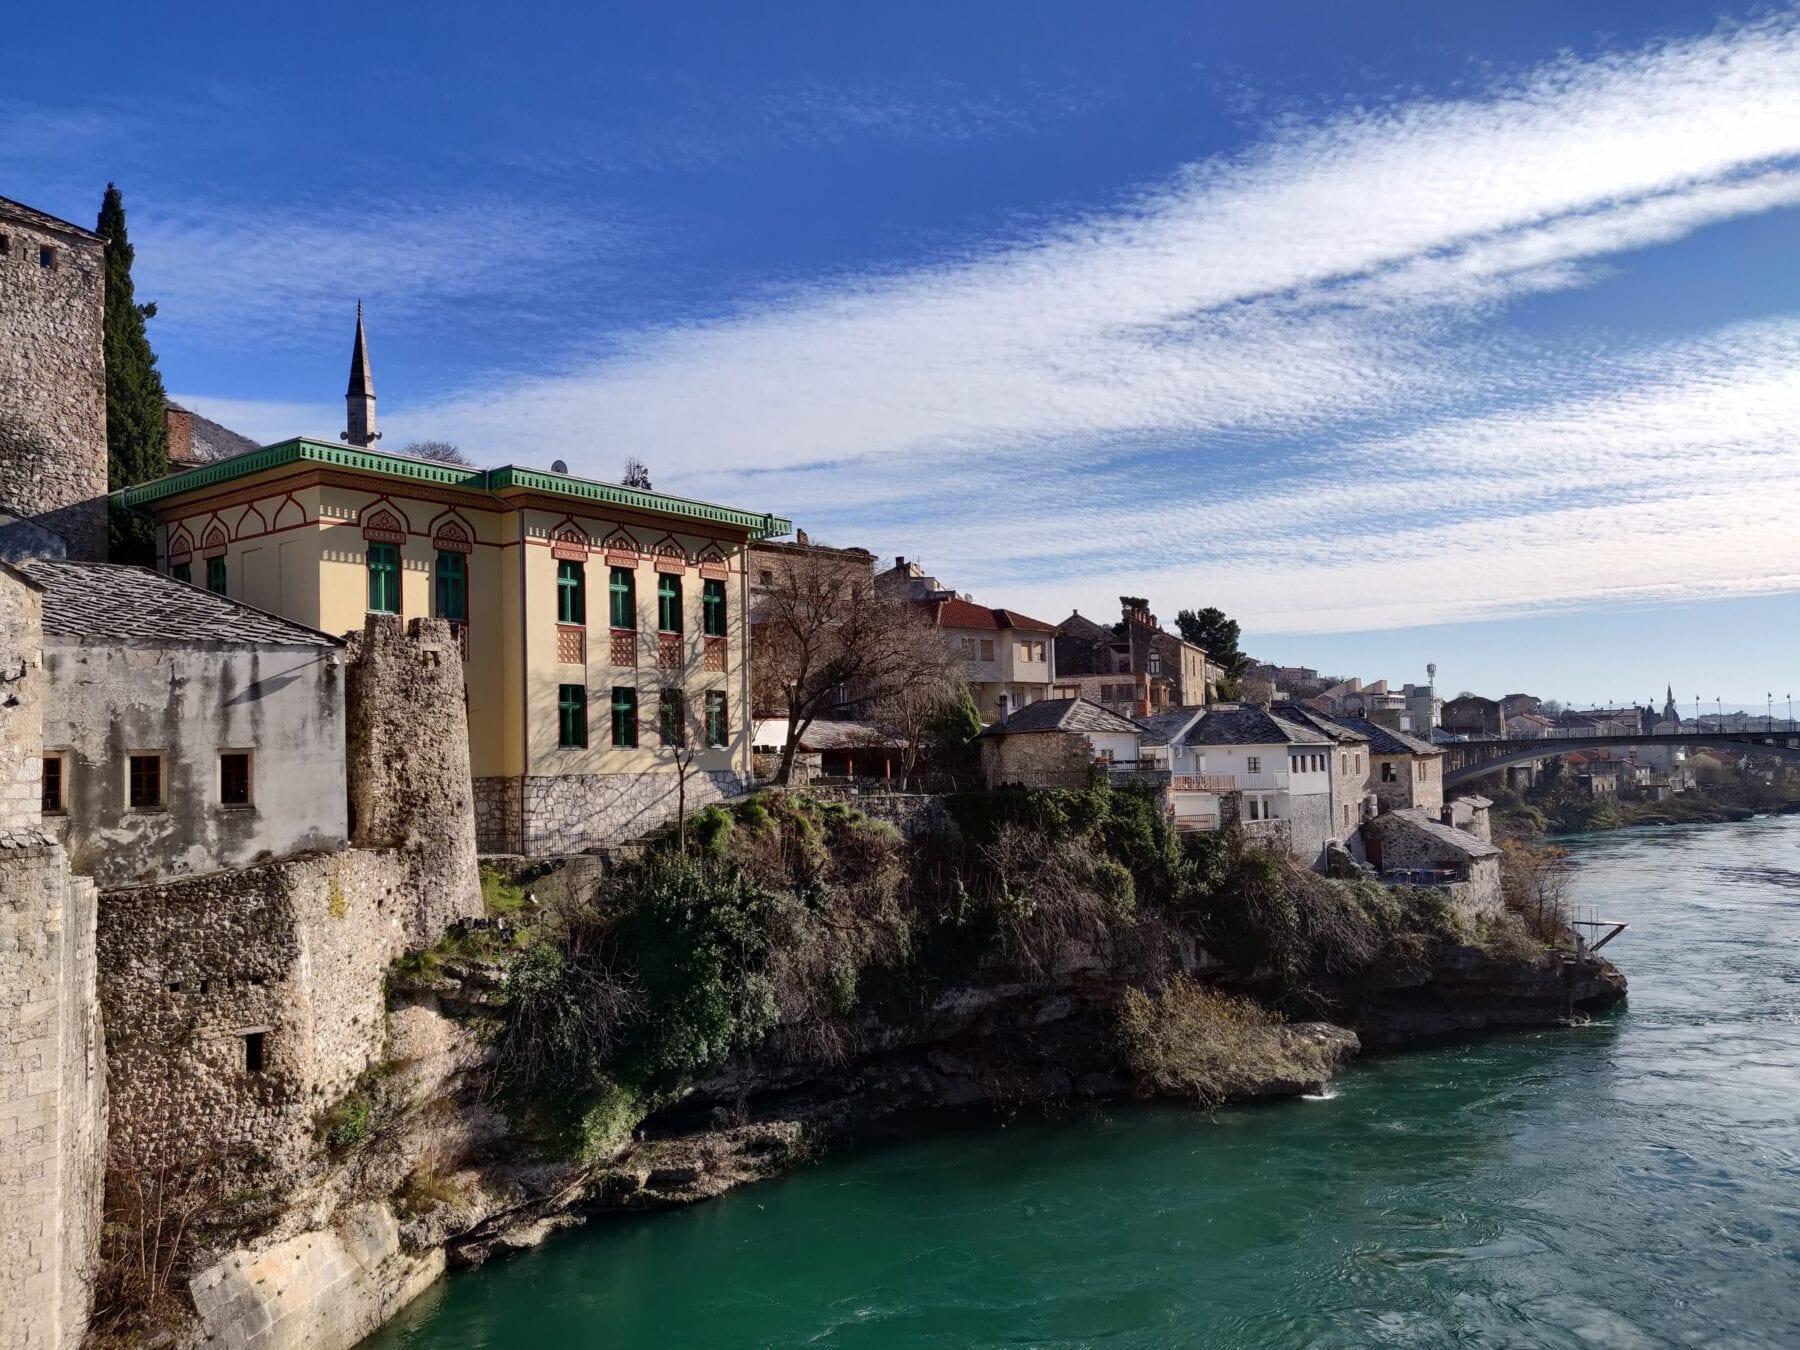 Huizen aan een cliff in Bosnië en Herzegovina